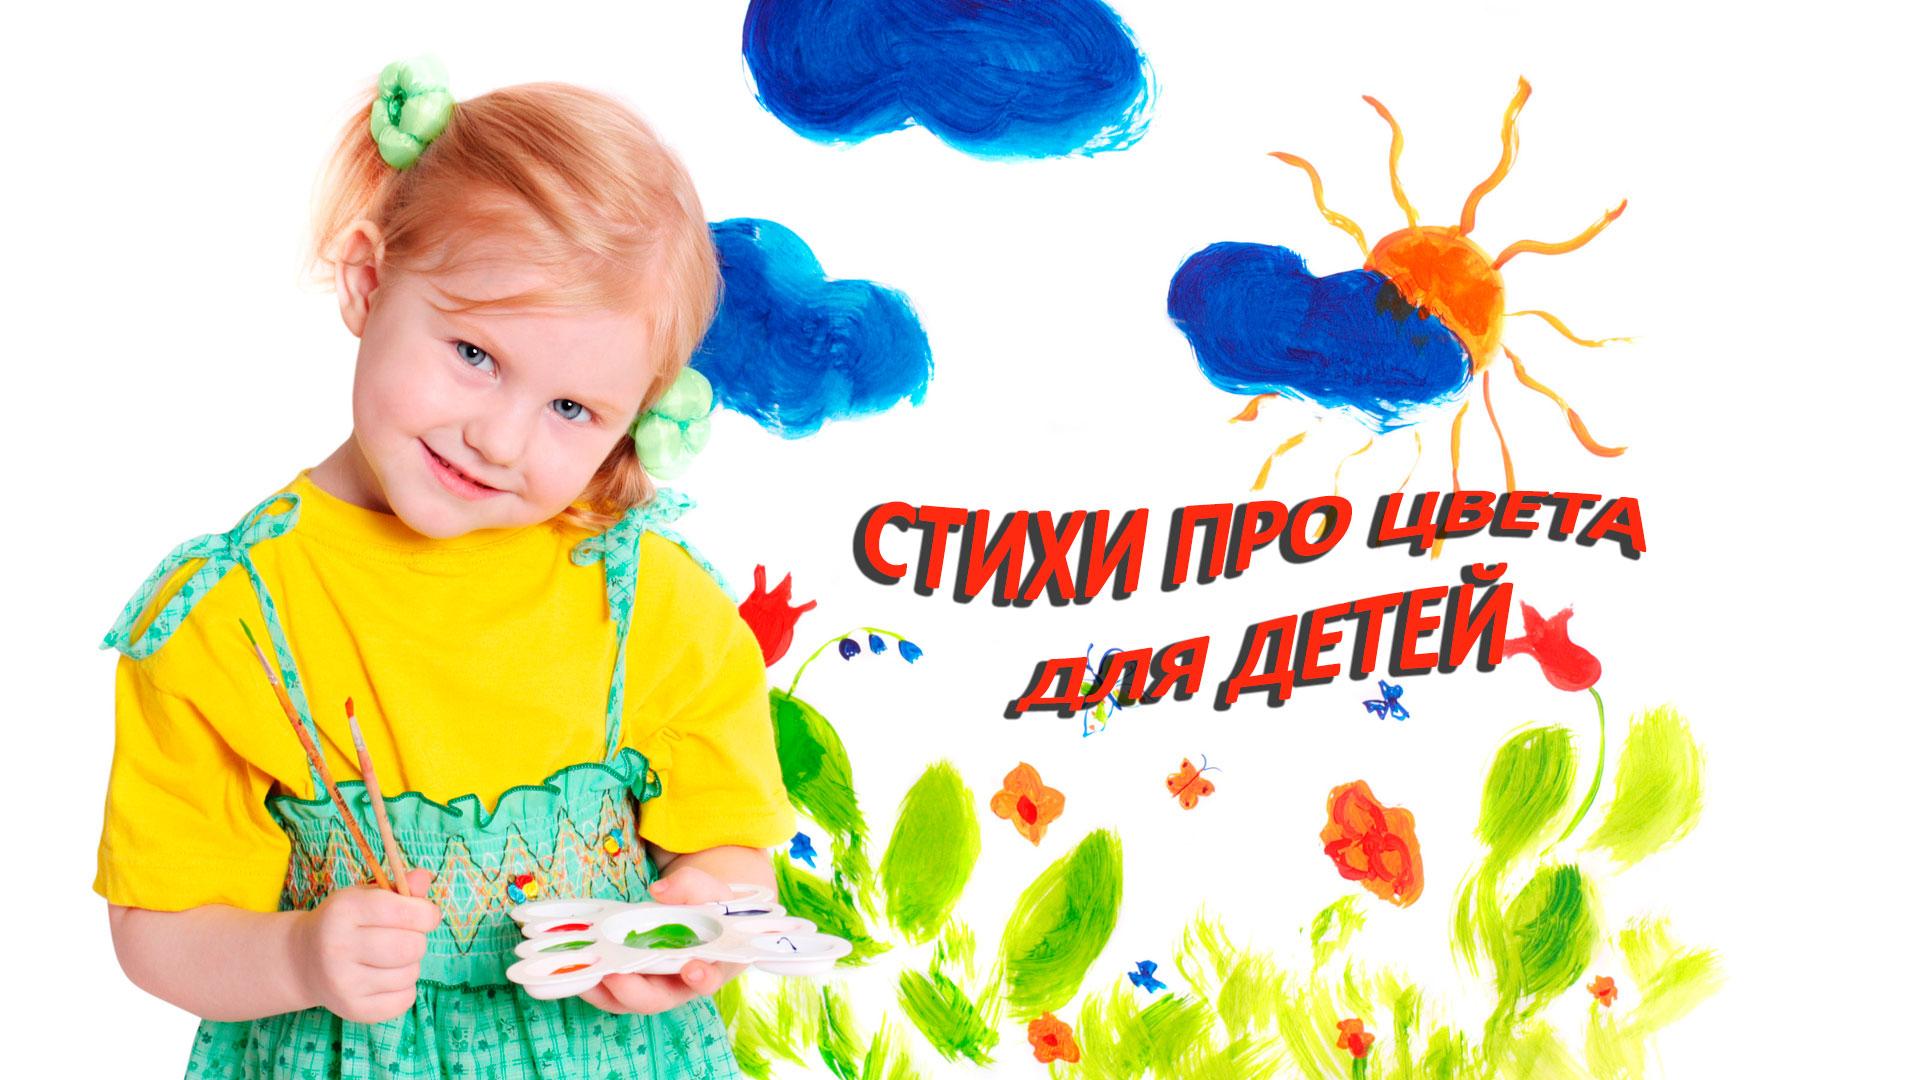 Стихи про цвета для детей